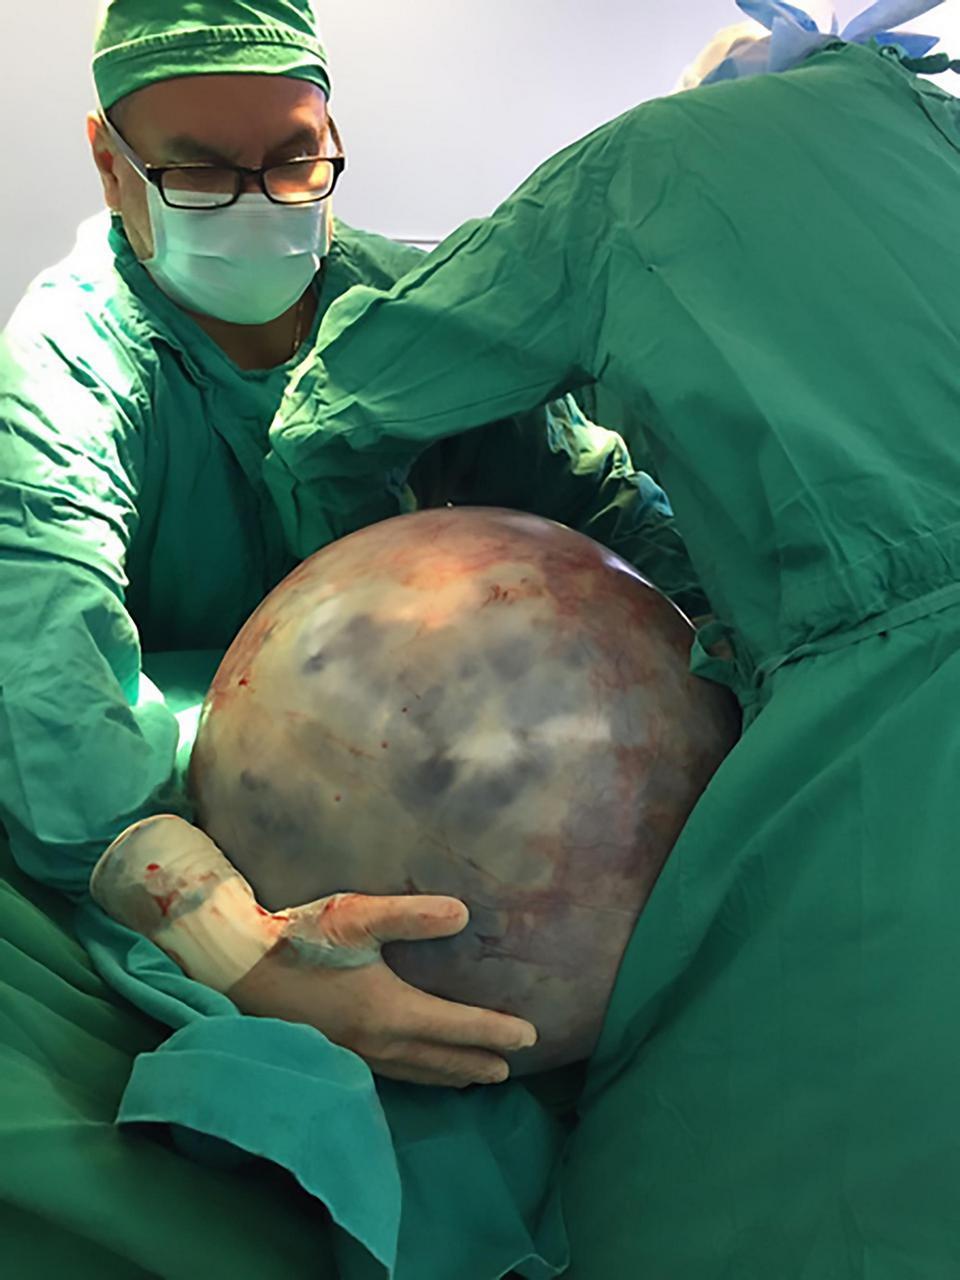 Из пожилой женщины вырезали опухоль весом 32 кг, которую она вынашивала восемь лет